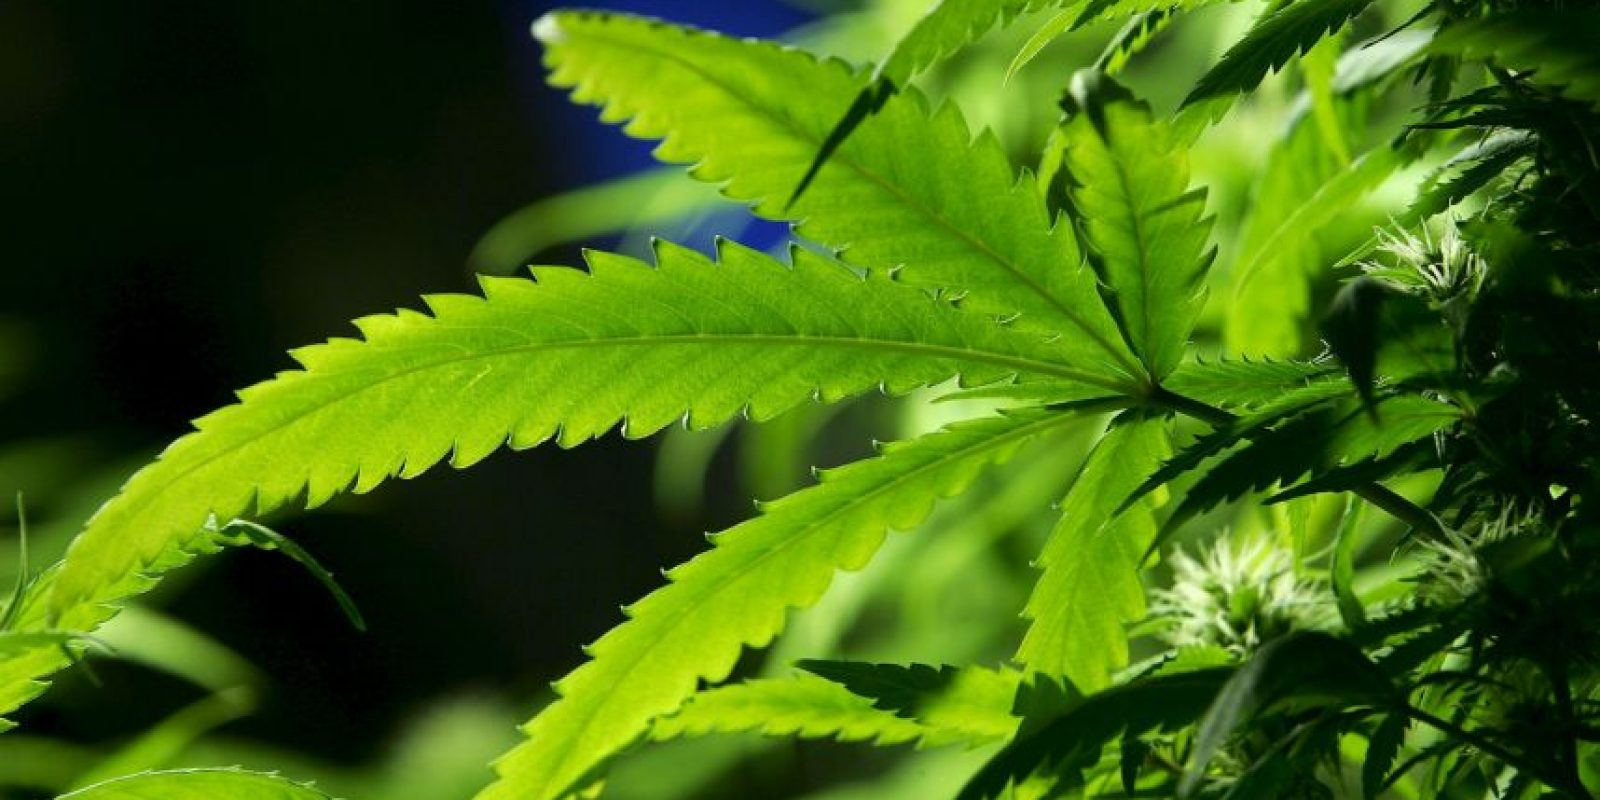 El máximo permitido se estableció entonces en los cinco gramos de marihuana y un gramo de cocaína. Foto:Getty Images